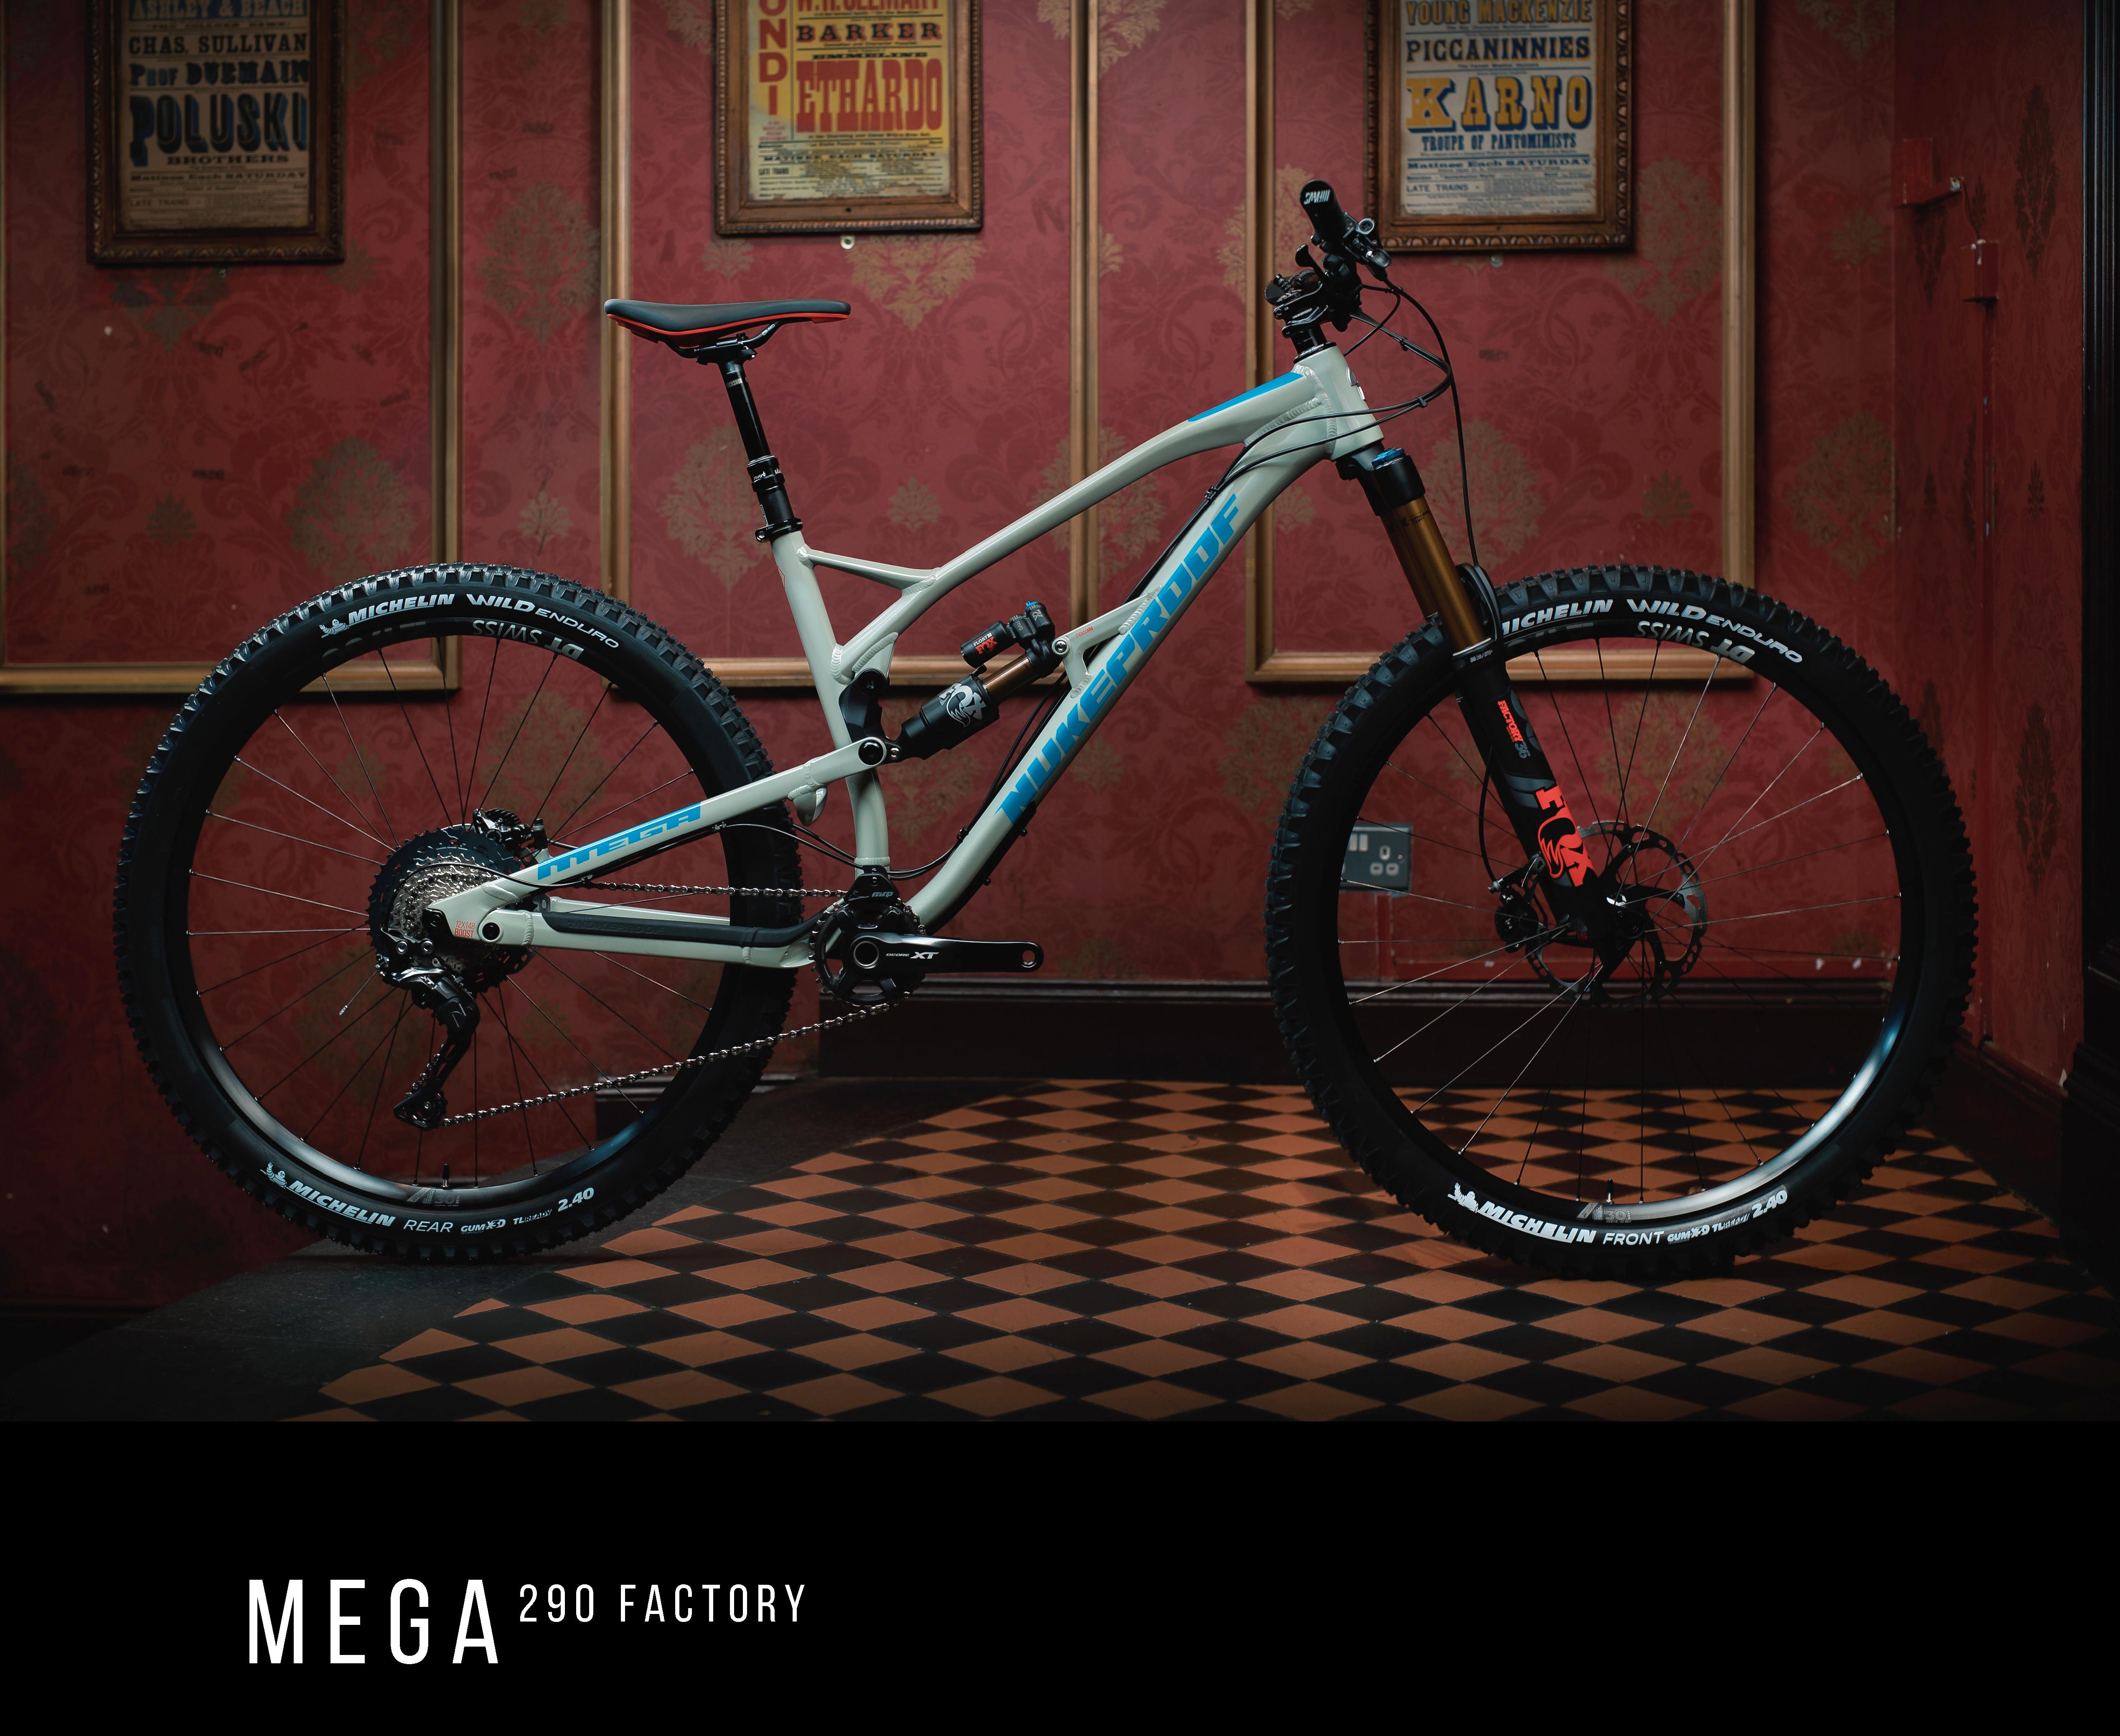 Mega_290_factory